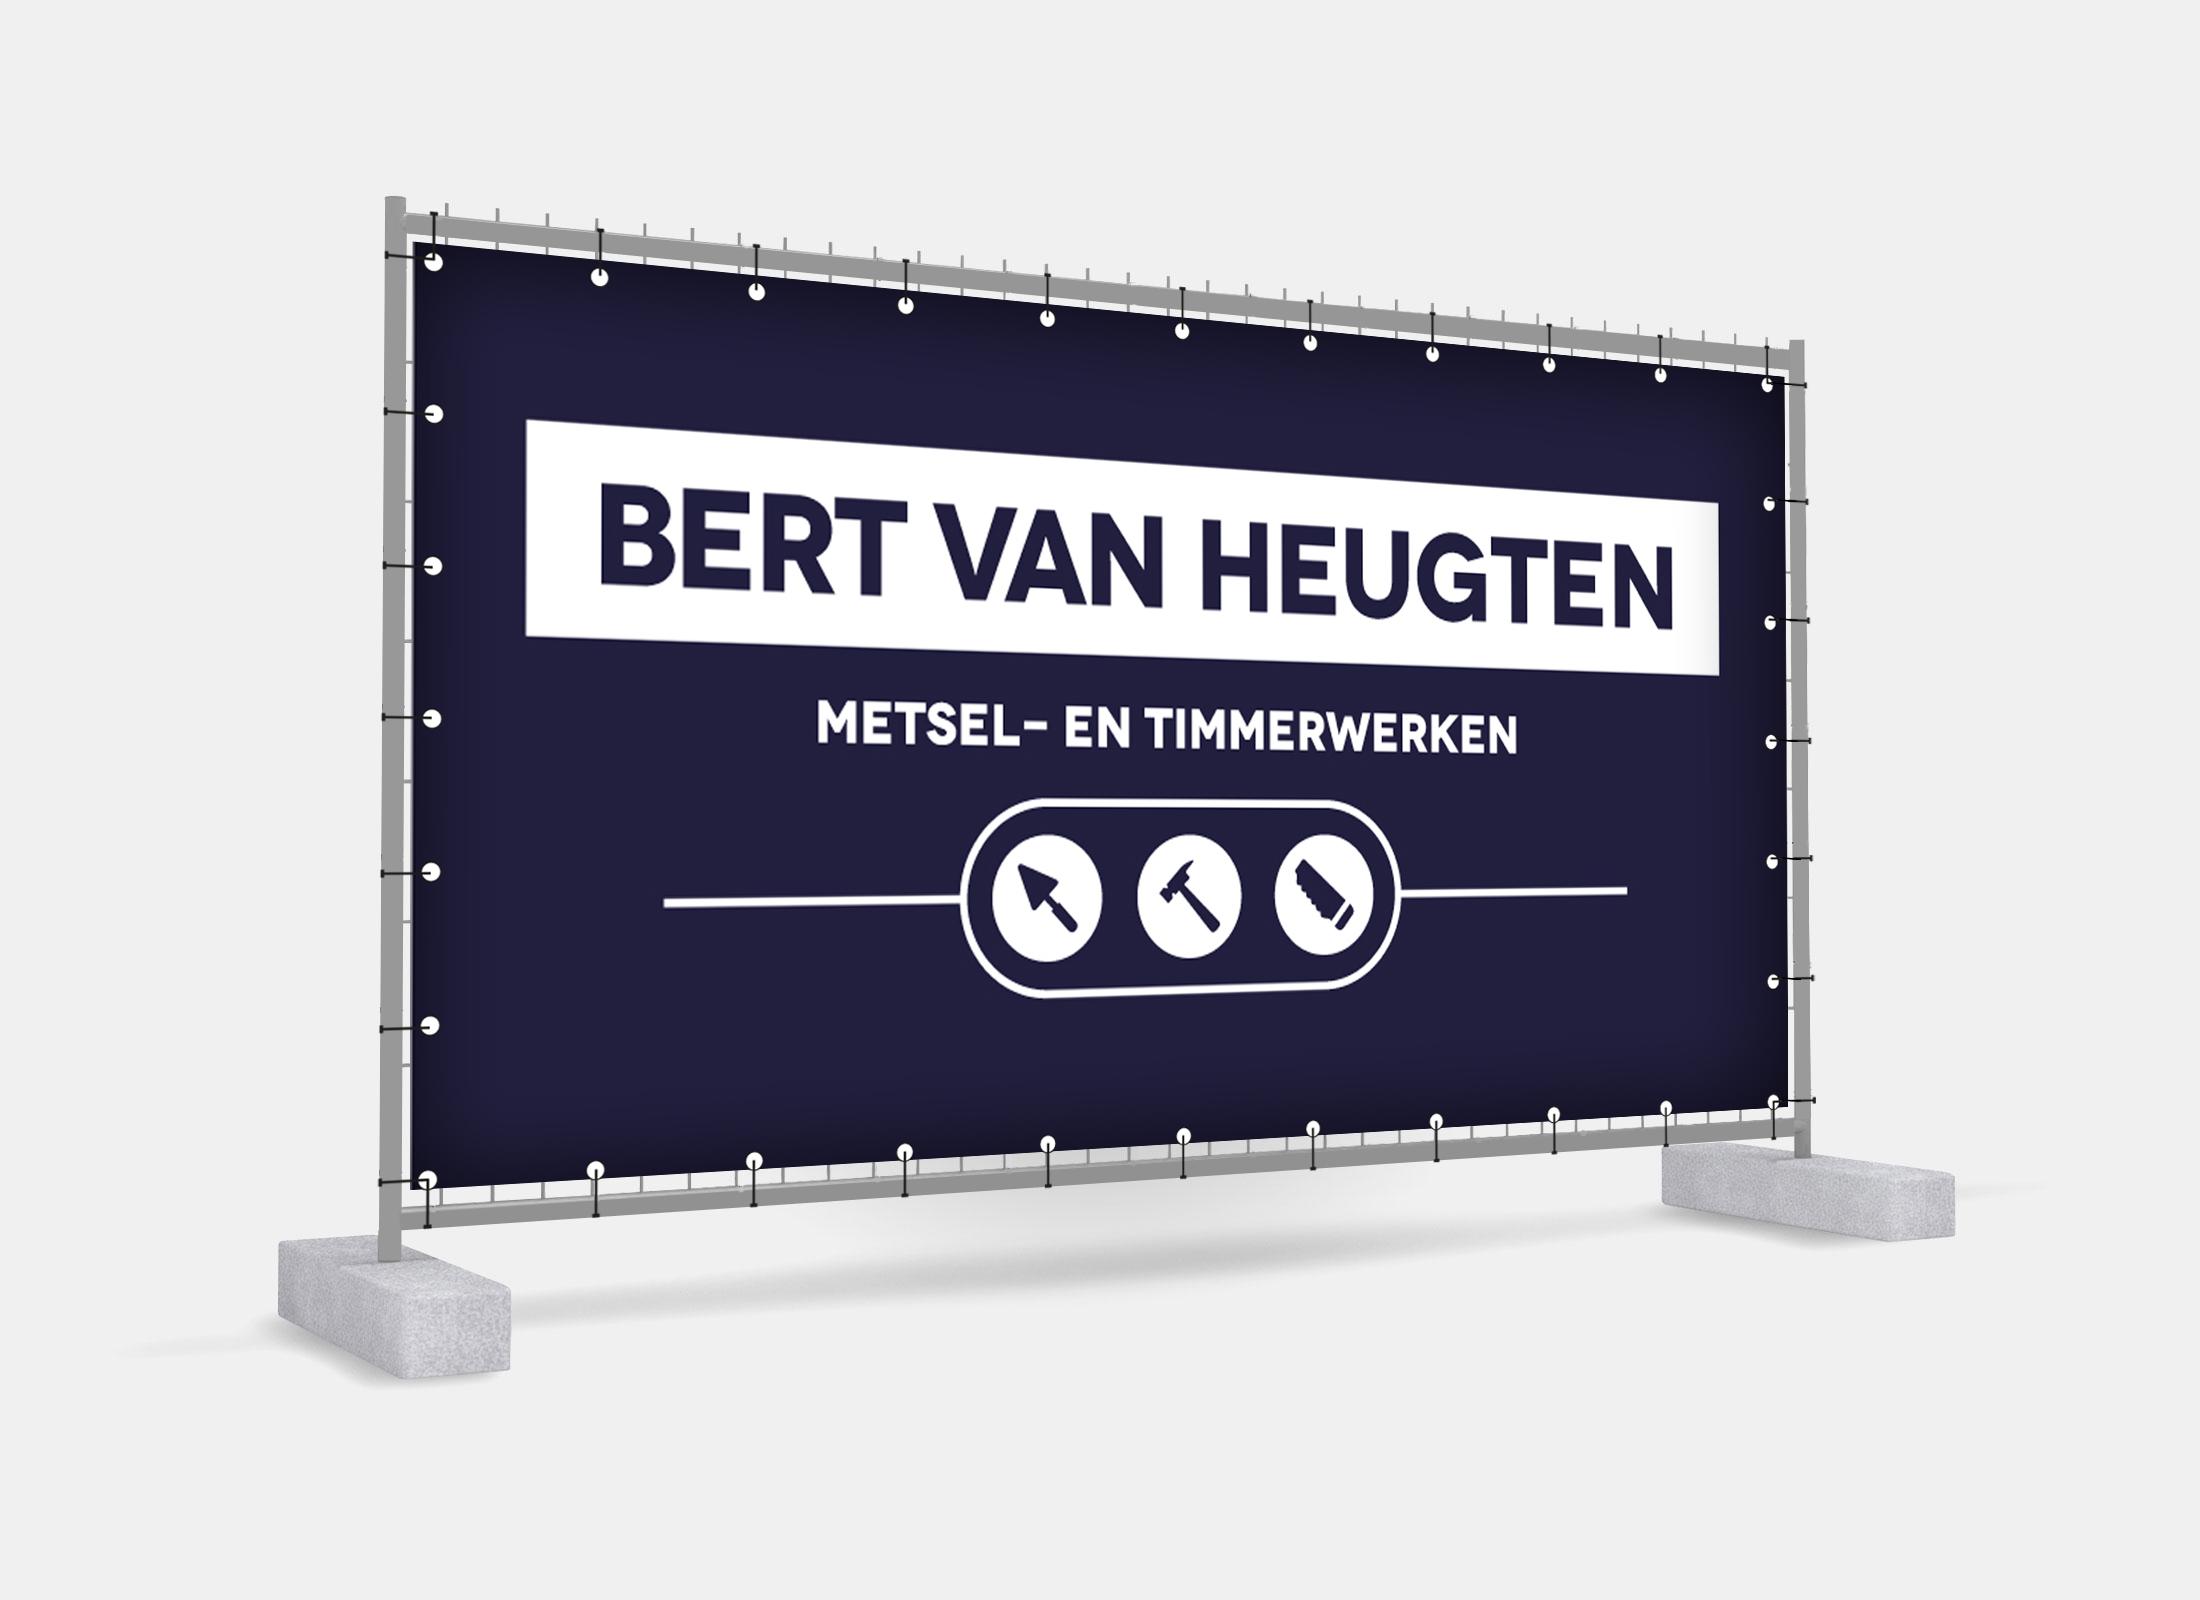 bouwhek-banners-bertvanheugten-bouwbedrijf-lierop-someren